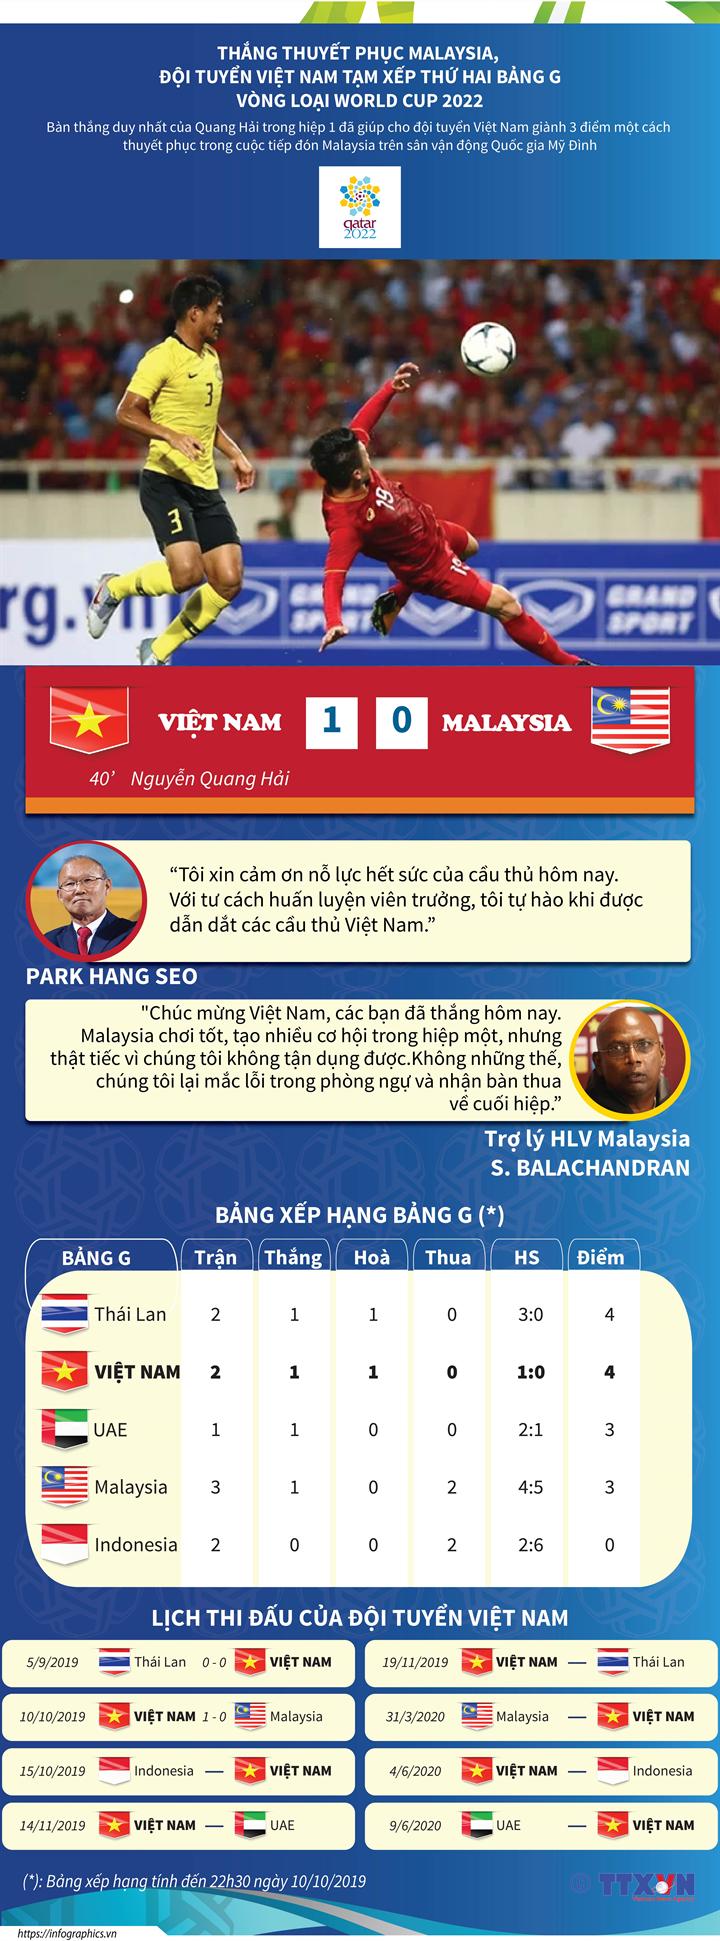 Thắng thuyết phục Malaysia, đội tuyển Việt Nam tạm xếp thứ 2 bảng G tại vòng loại World Cup 2020